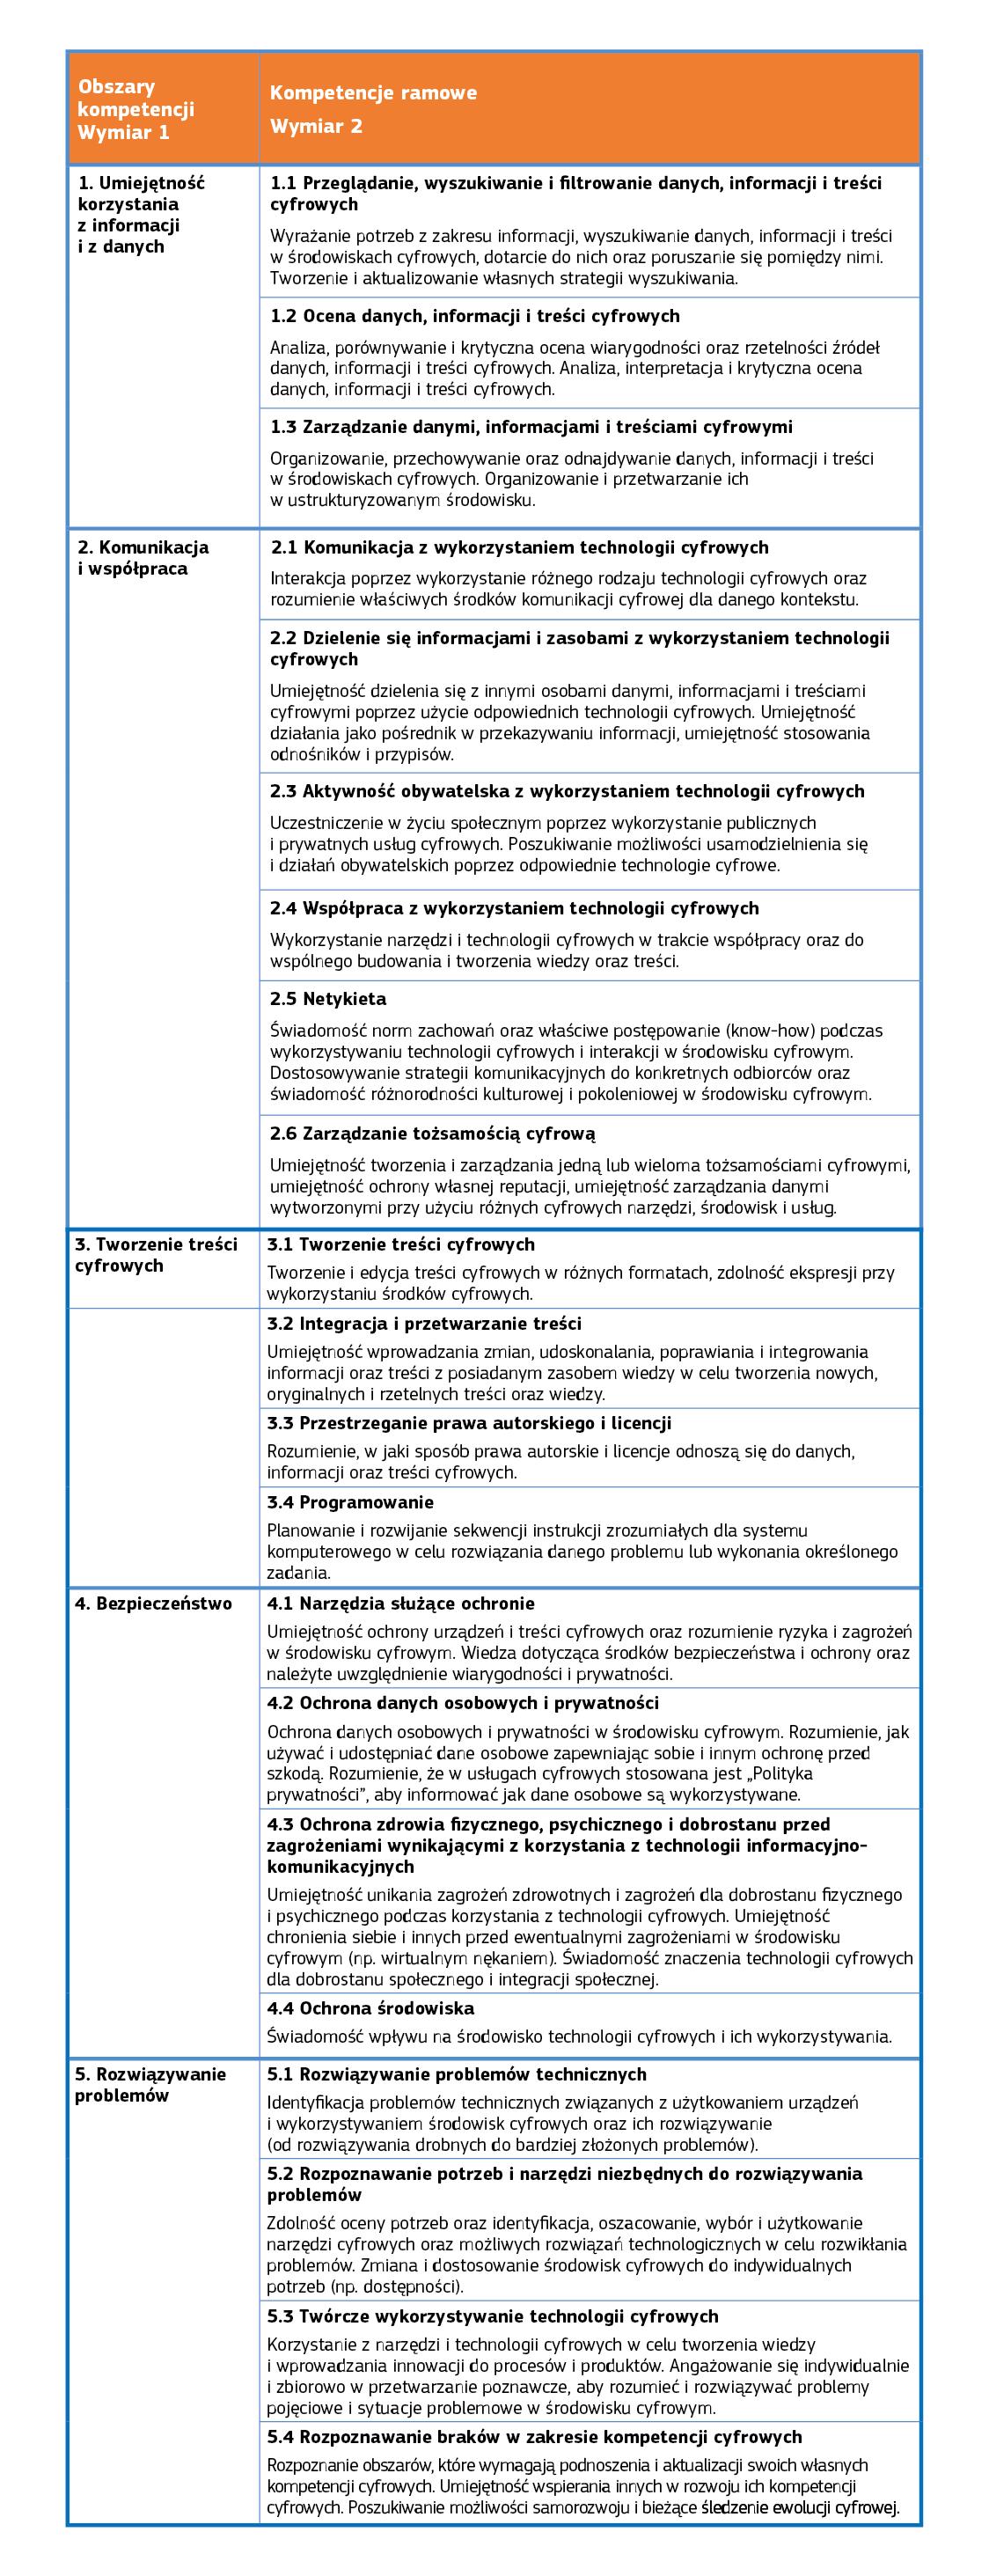 d7-rozdz 3 pojeciowy model odniesienia-tabela